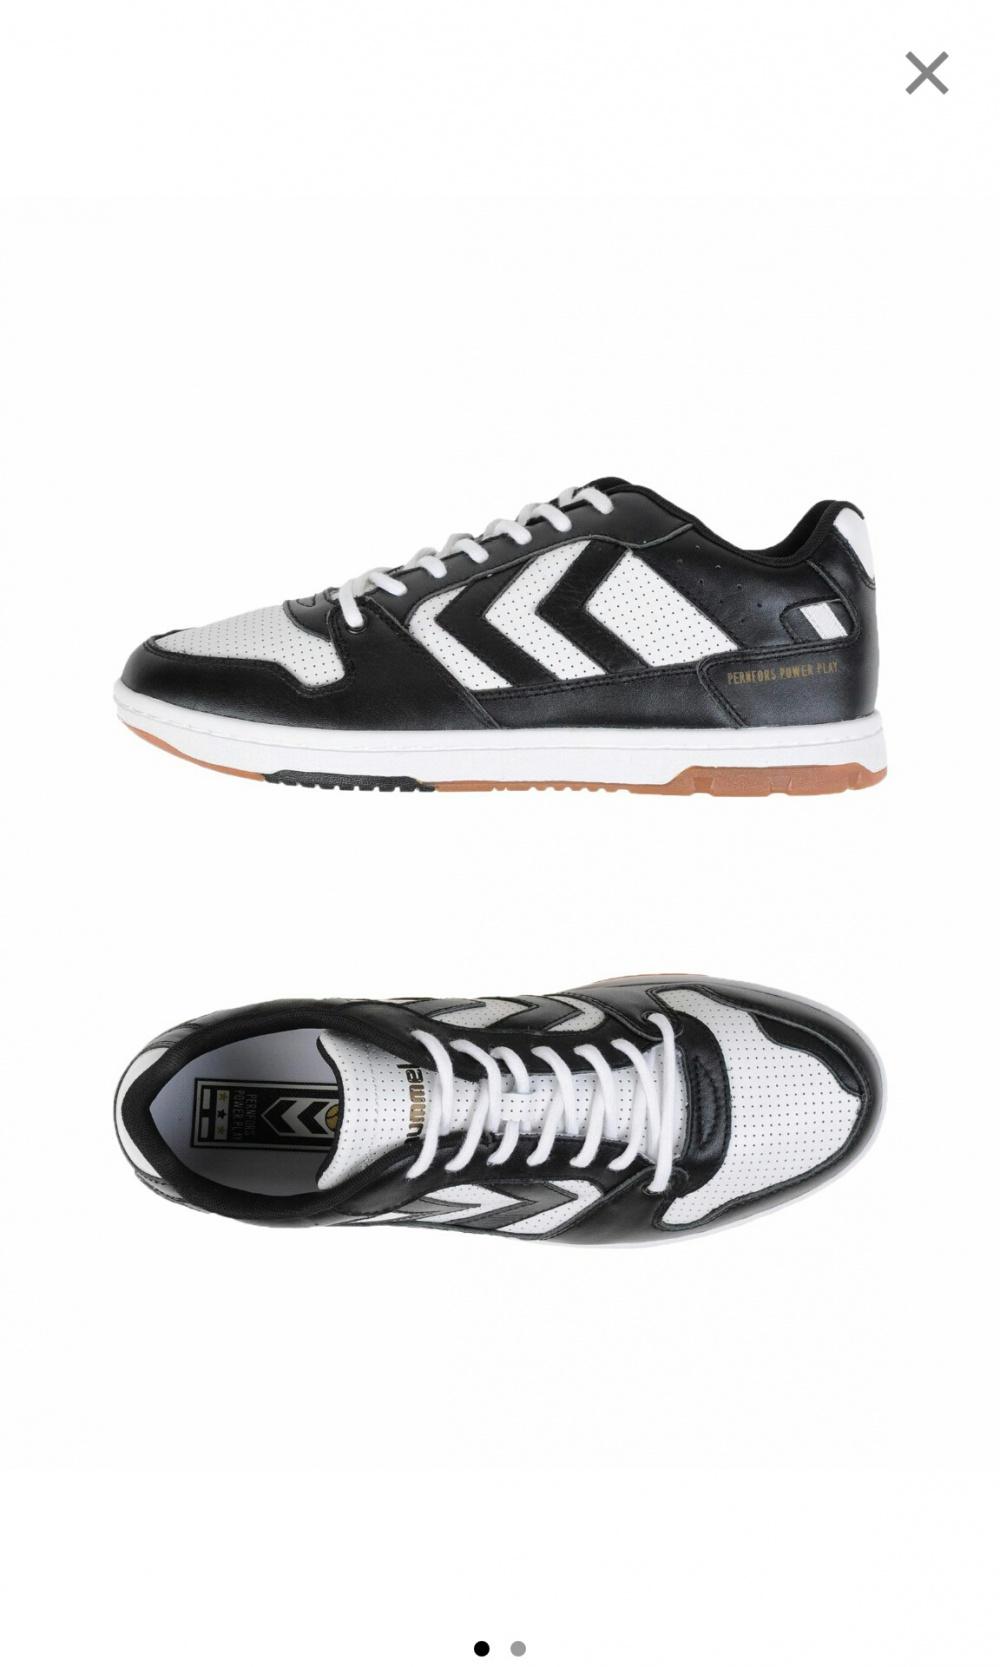 Мужские кроссовки из натуральной кожи hummel р-р 41.